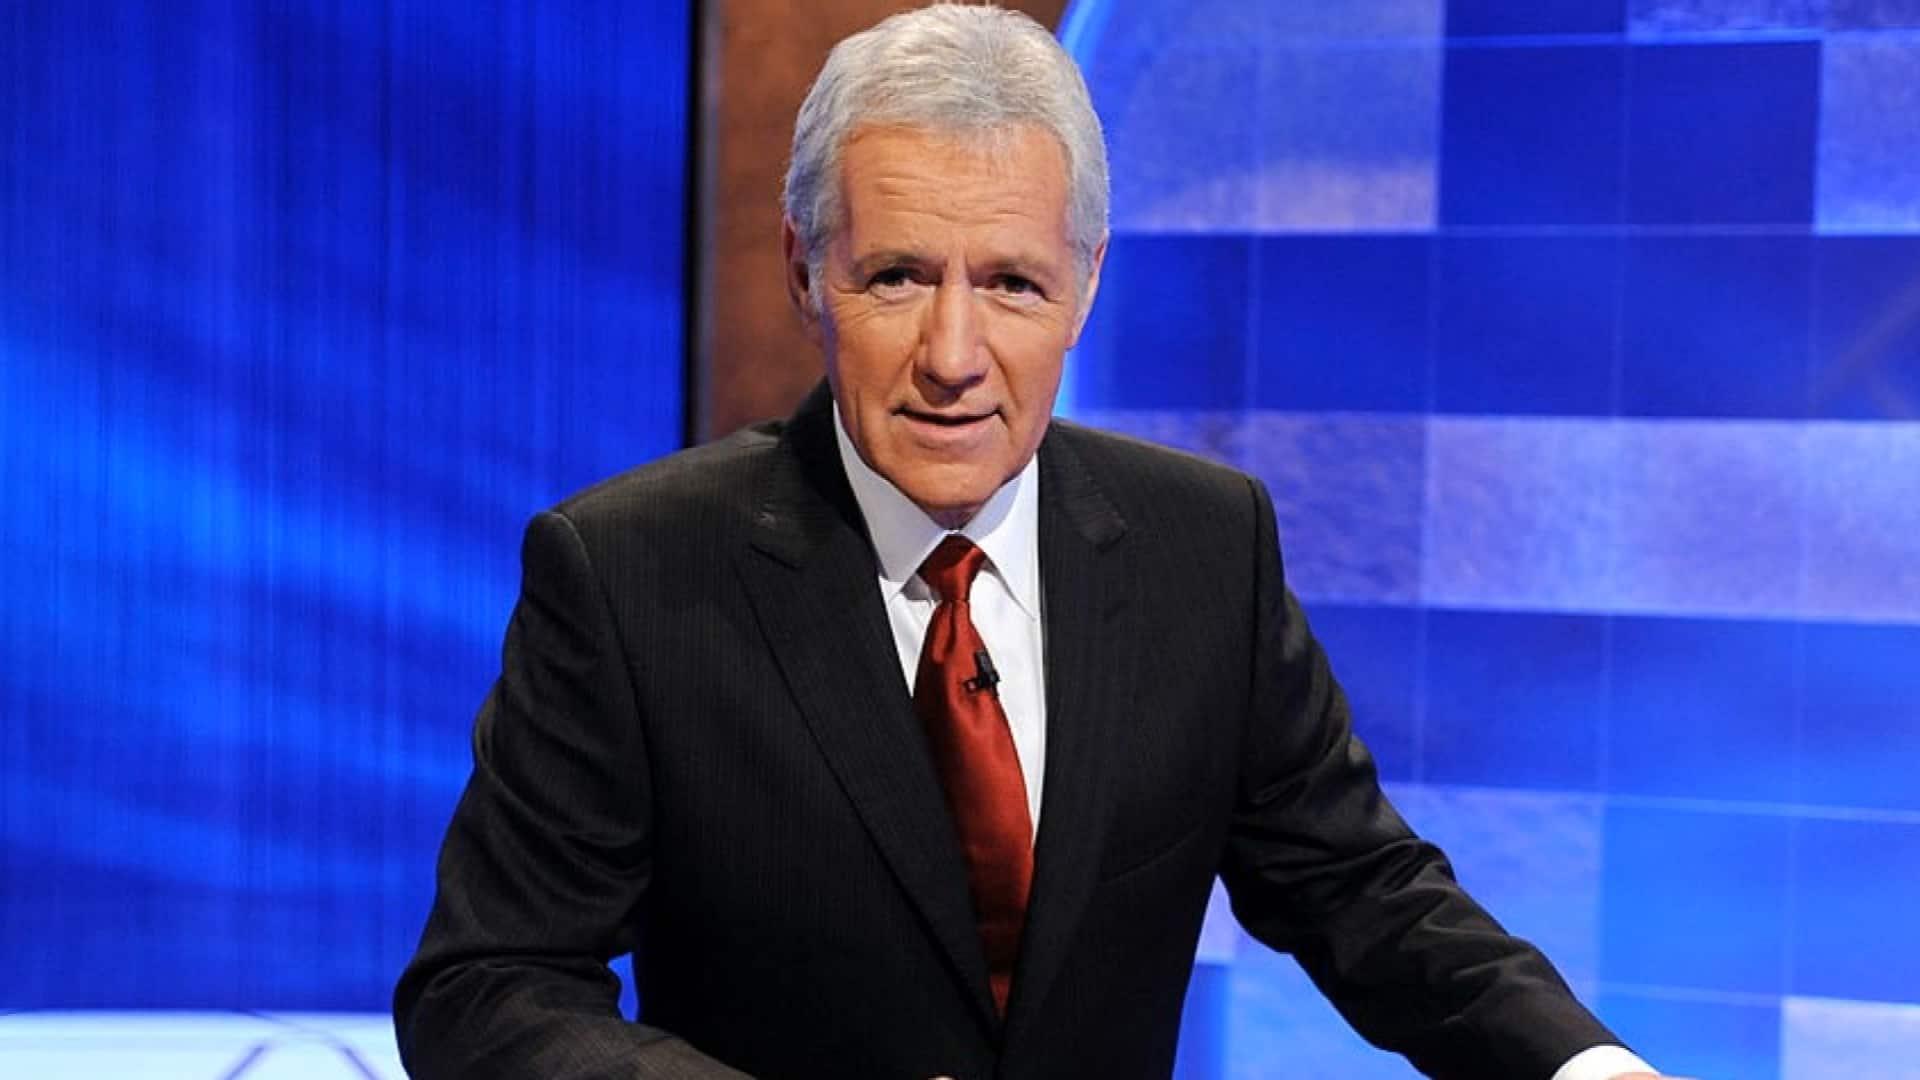 Jeopardy! host Alex Trebek Deceased in 80 thumbnail